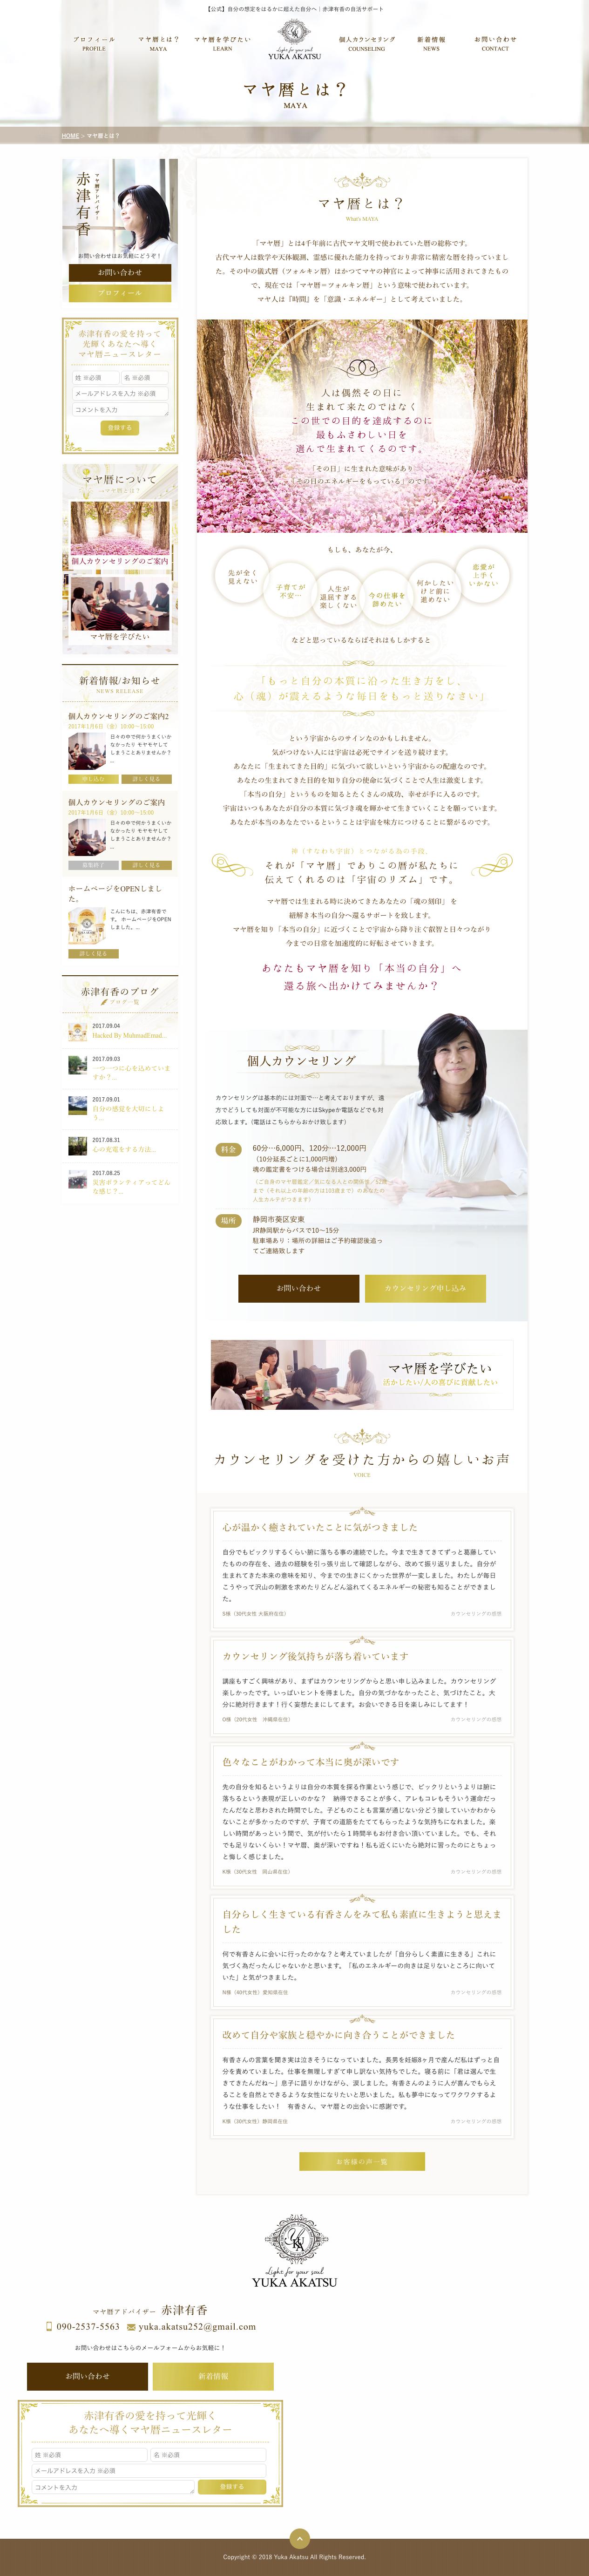 マヤ暦アドバイザー赤津有香の自活サポート 様のホームページ